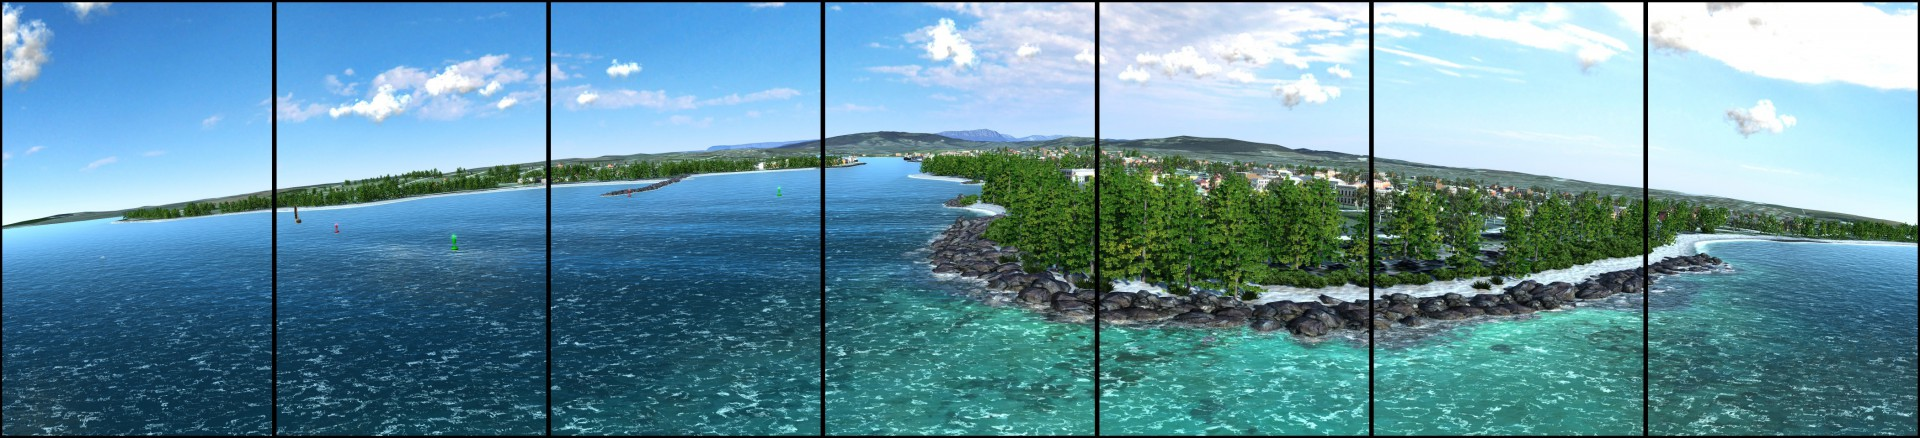 Panorama_21-1920x438